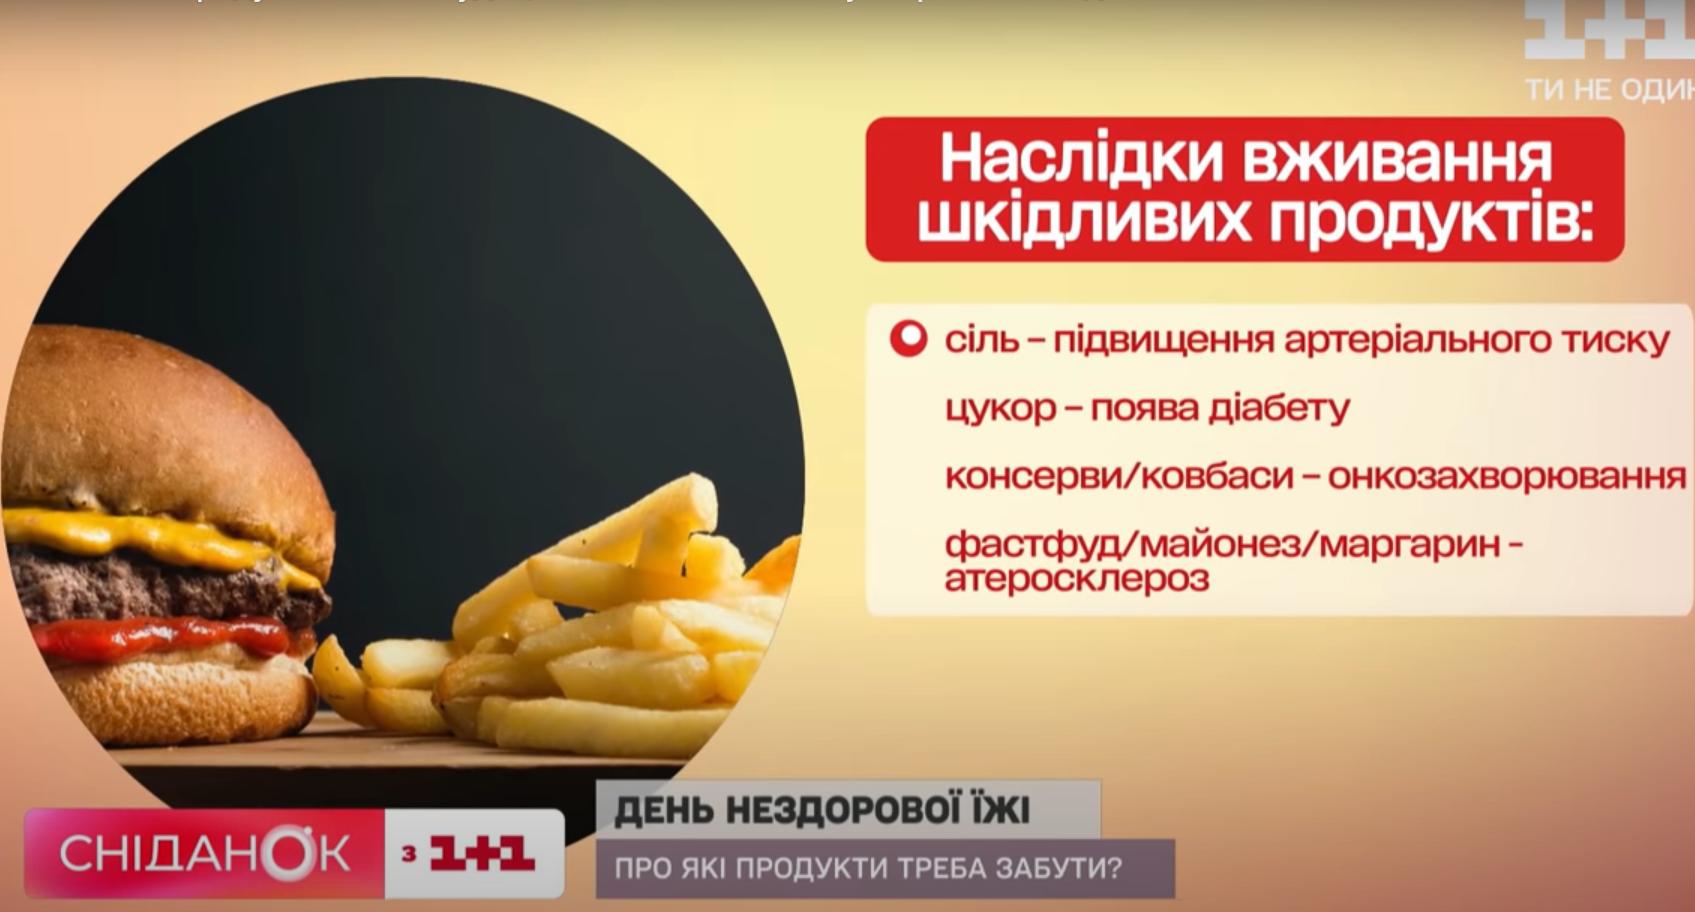 ТОП-5 шкідливих продуктів